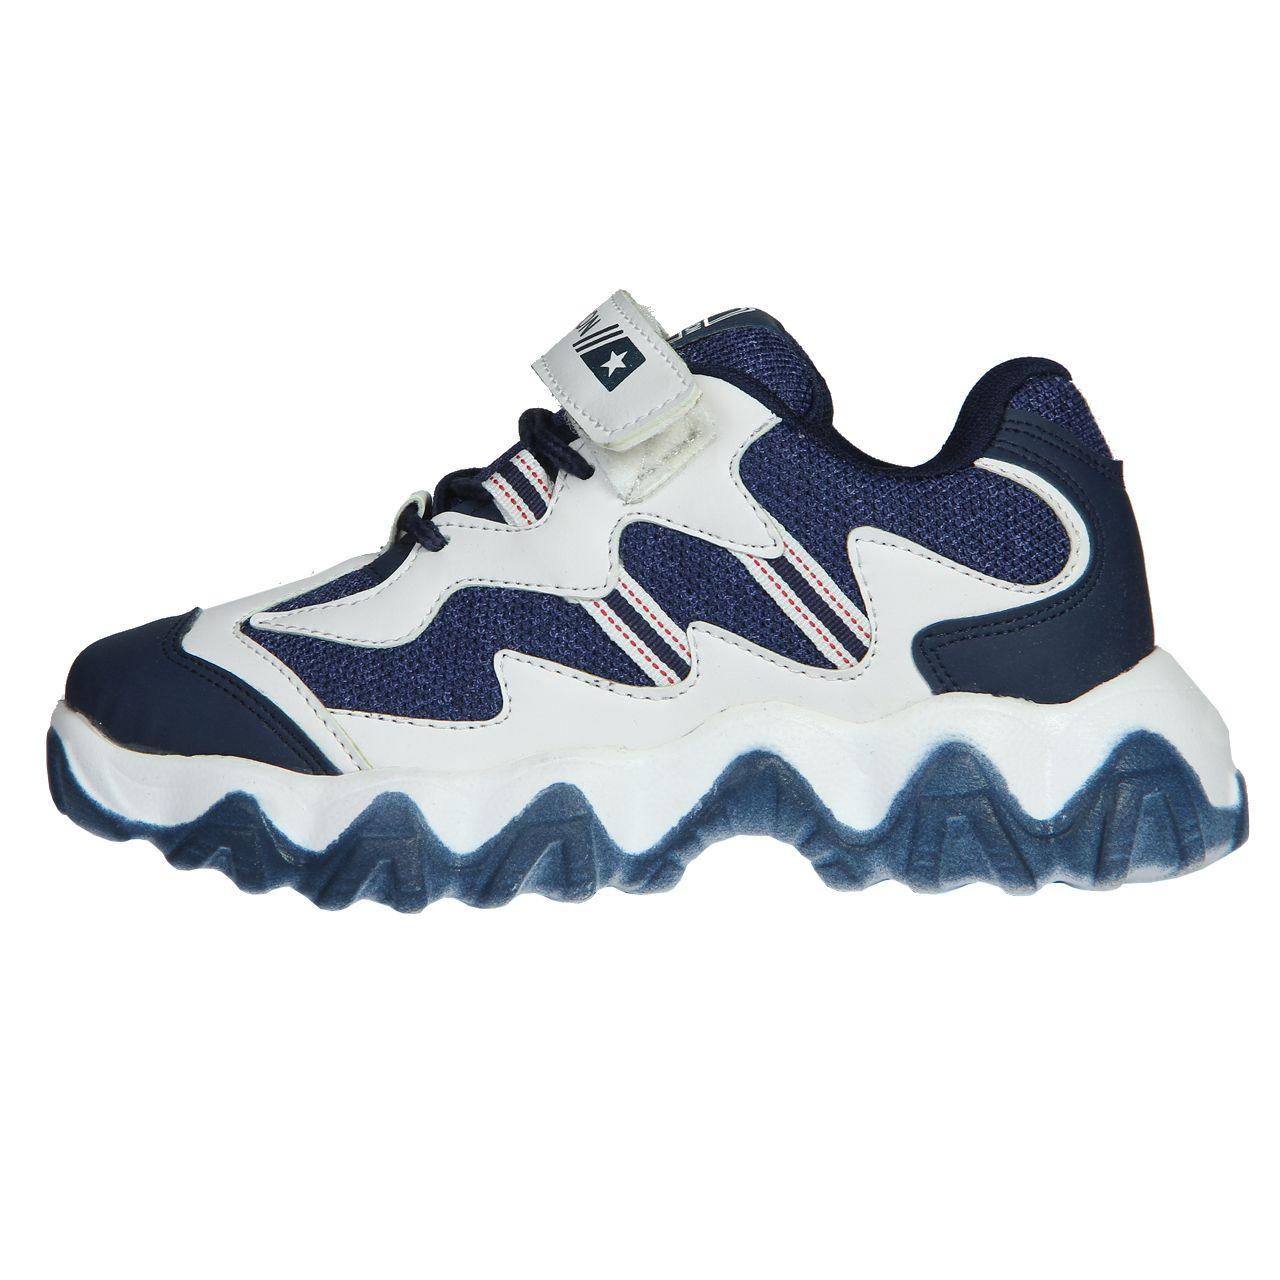 کفش پیاده روی بچگانه کد 250 -  - 2